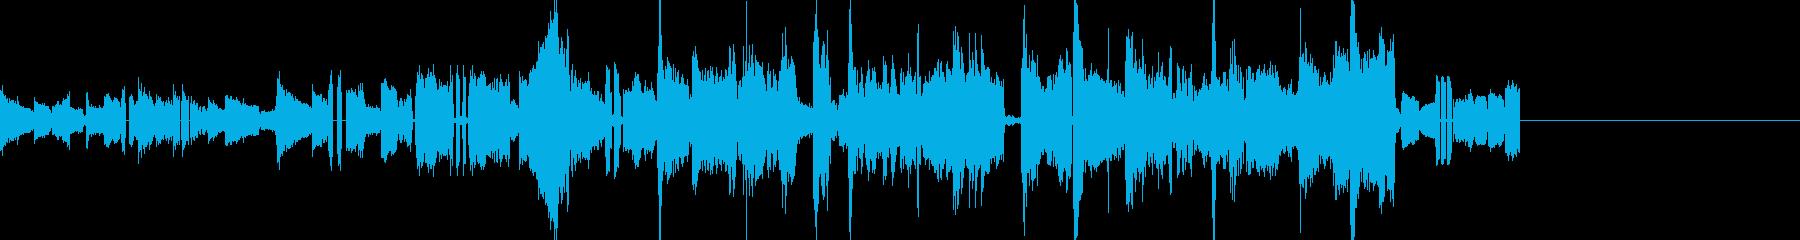 おしゃれなアコギのBGM ショートverの再生済みの波形